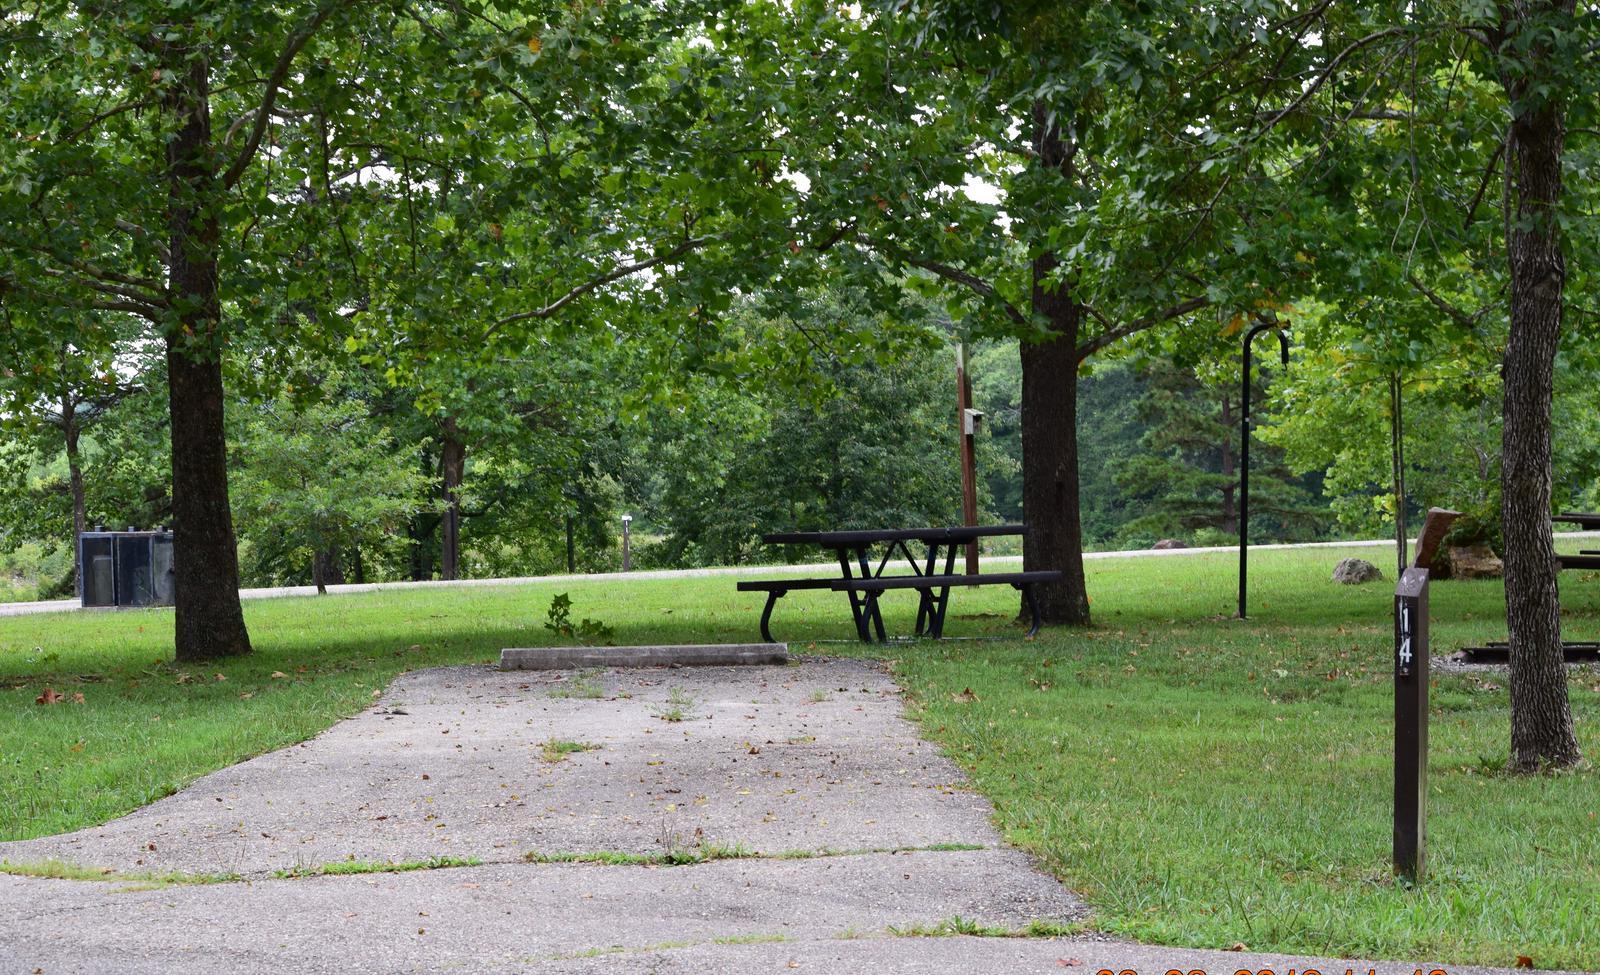 Campsite 14 showing parking spur, picnic table and lantern postCampsite 14